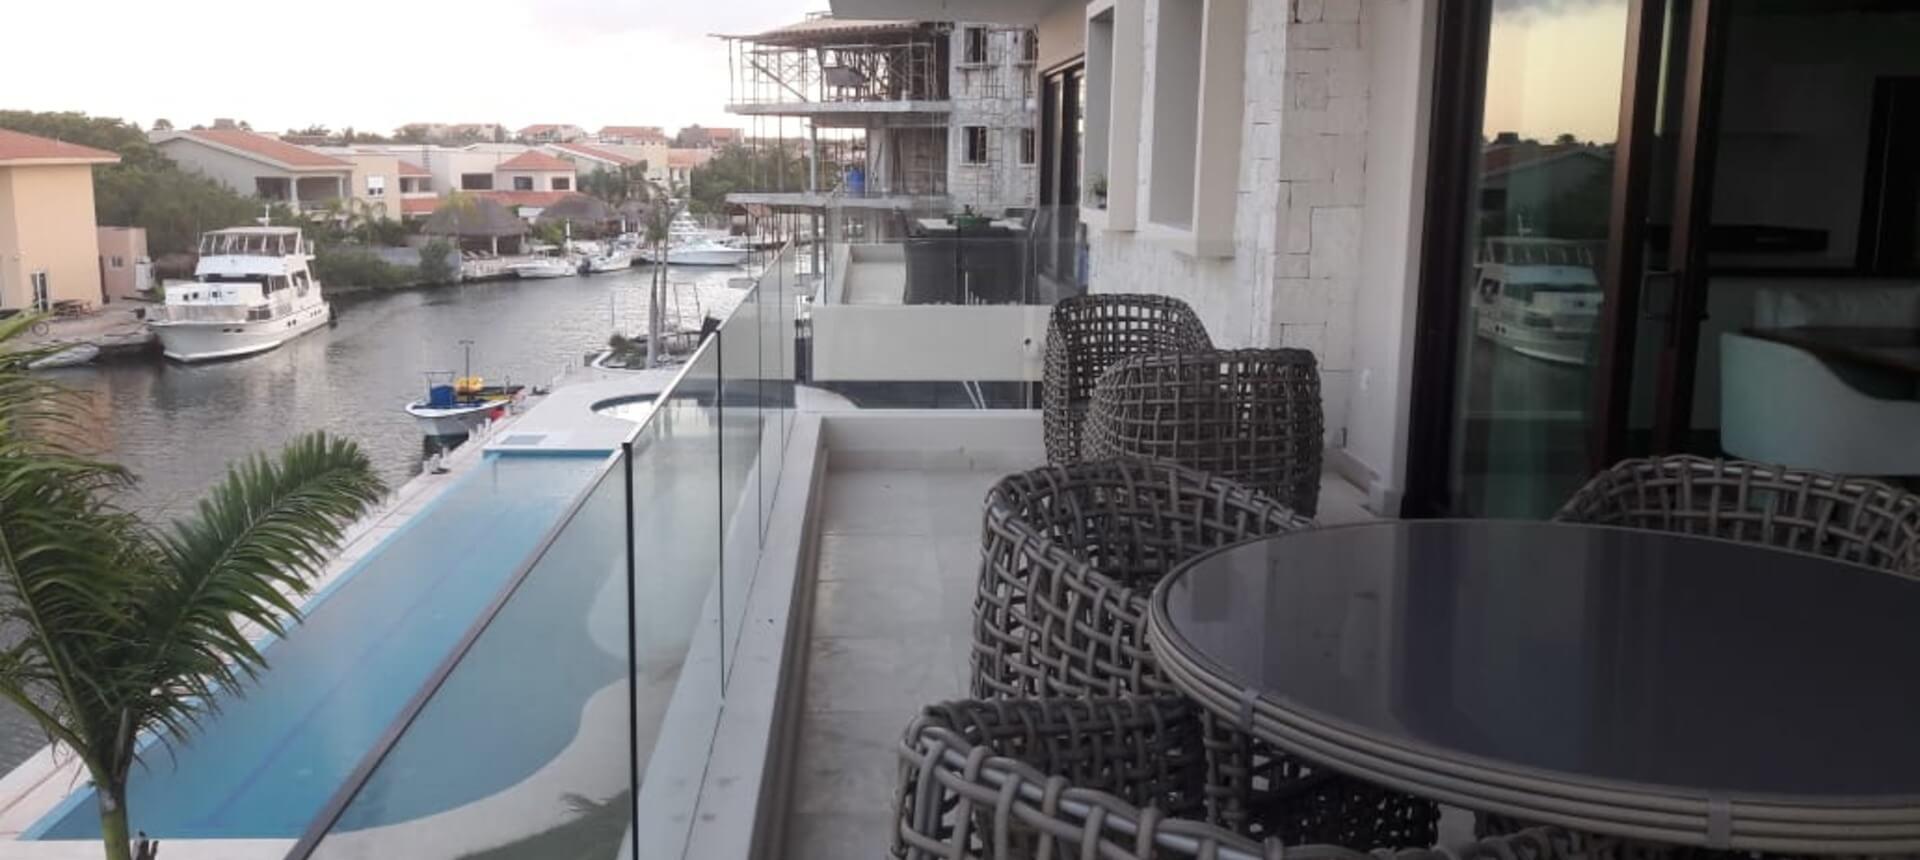 Condos for sale on lagoon coast in Puerto Aventuras